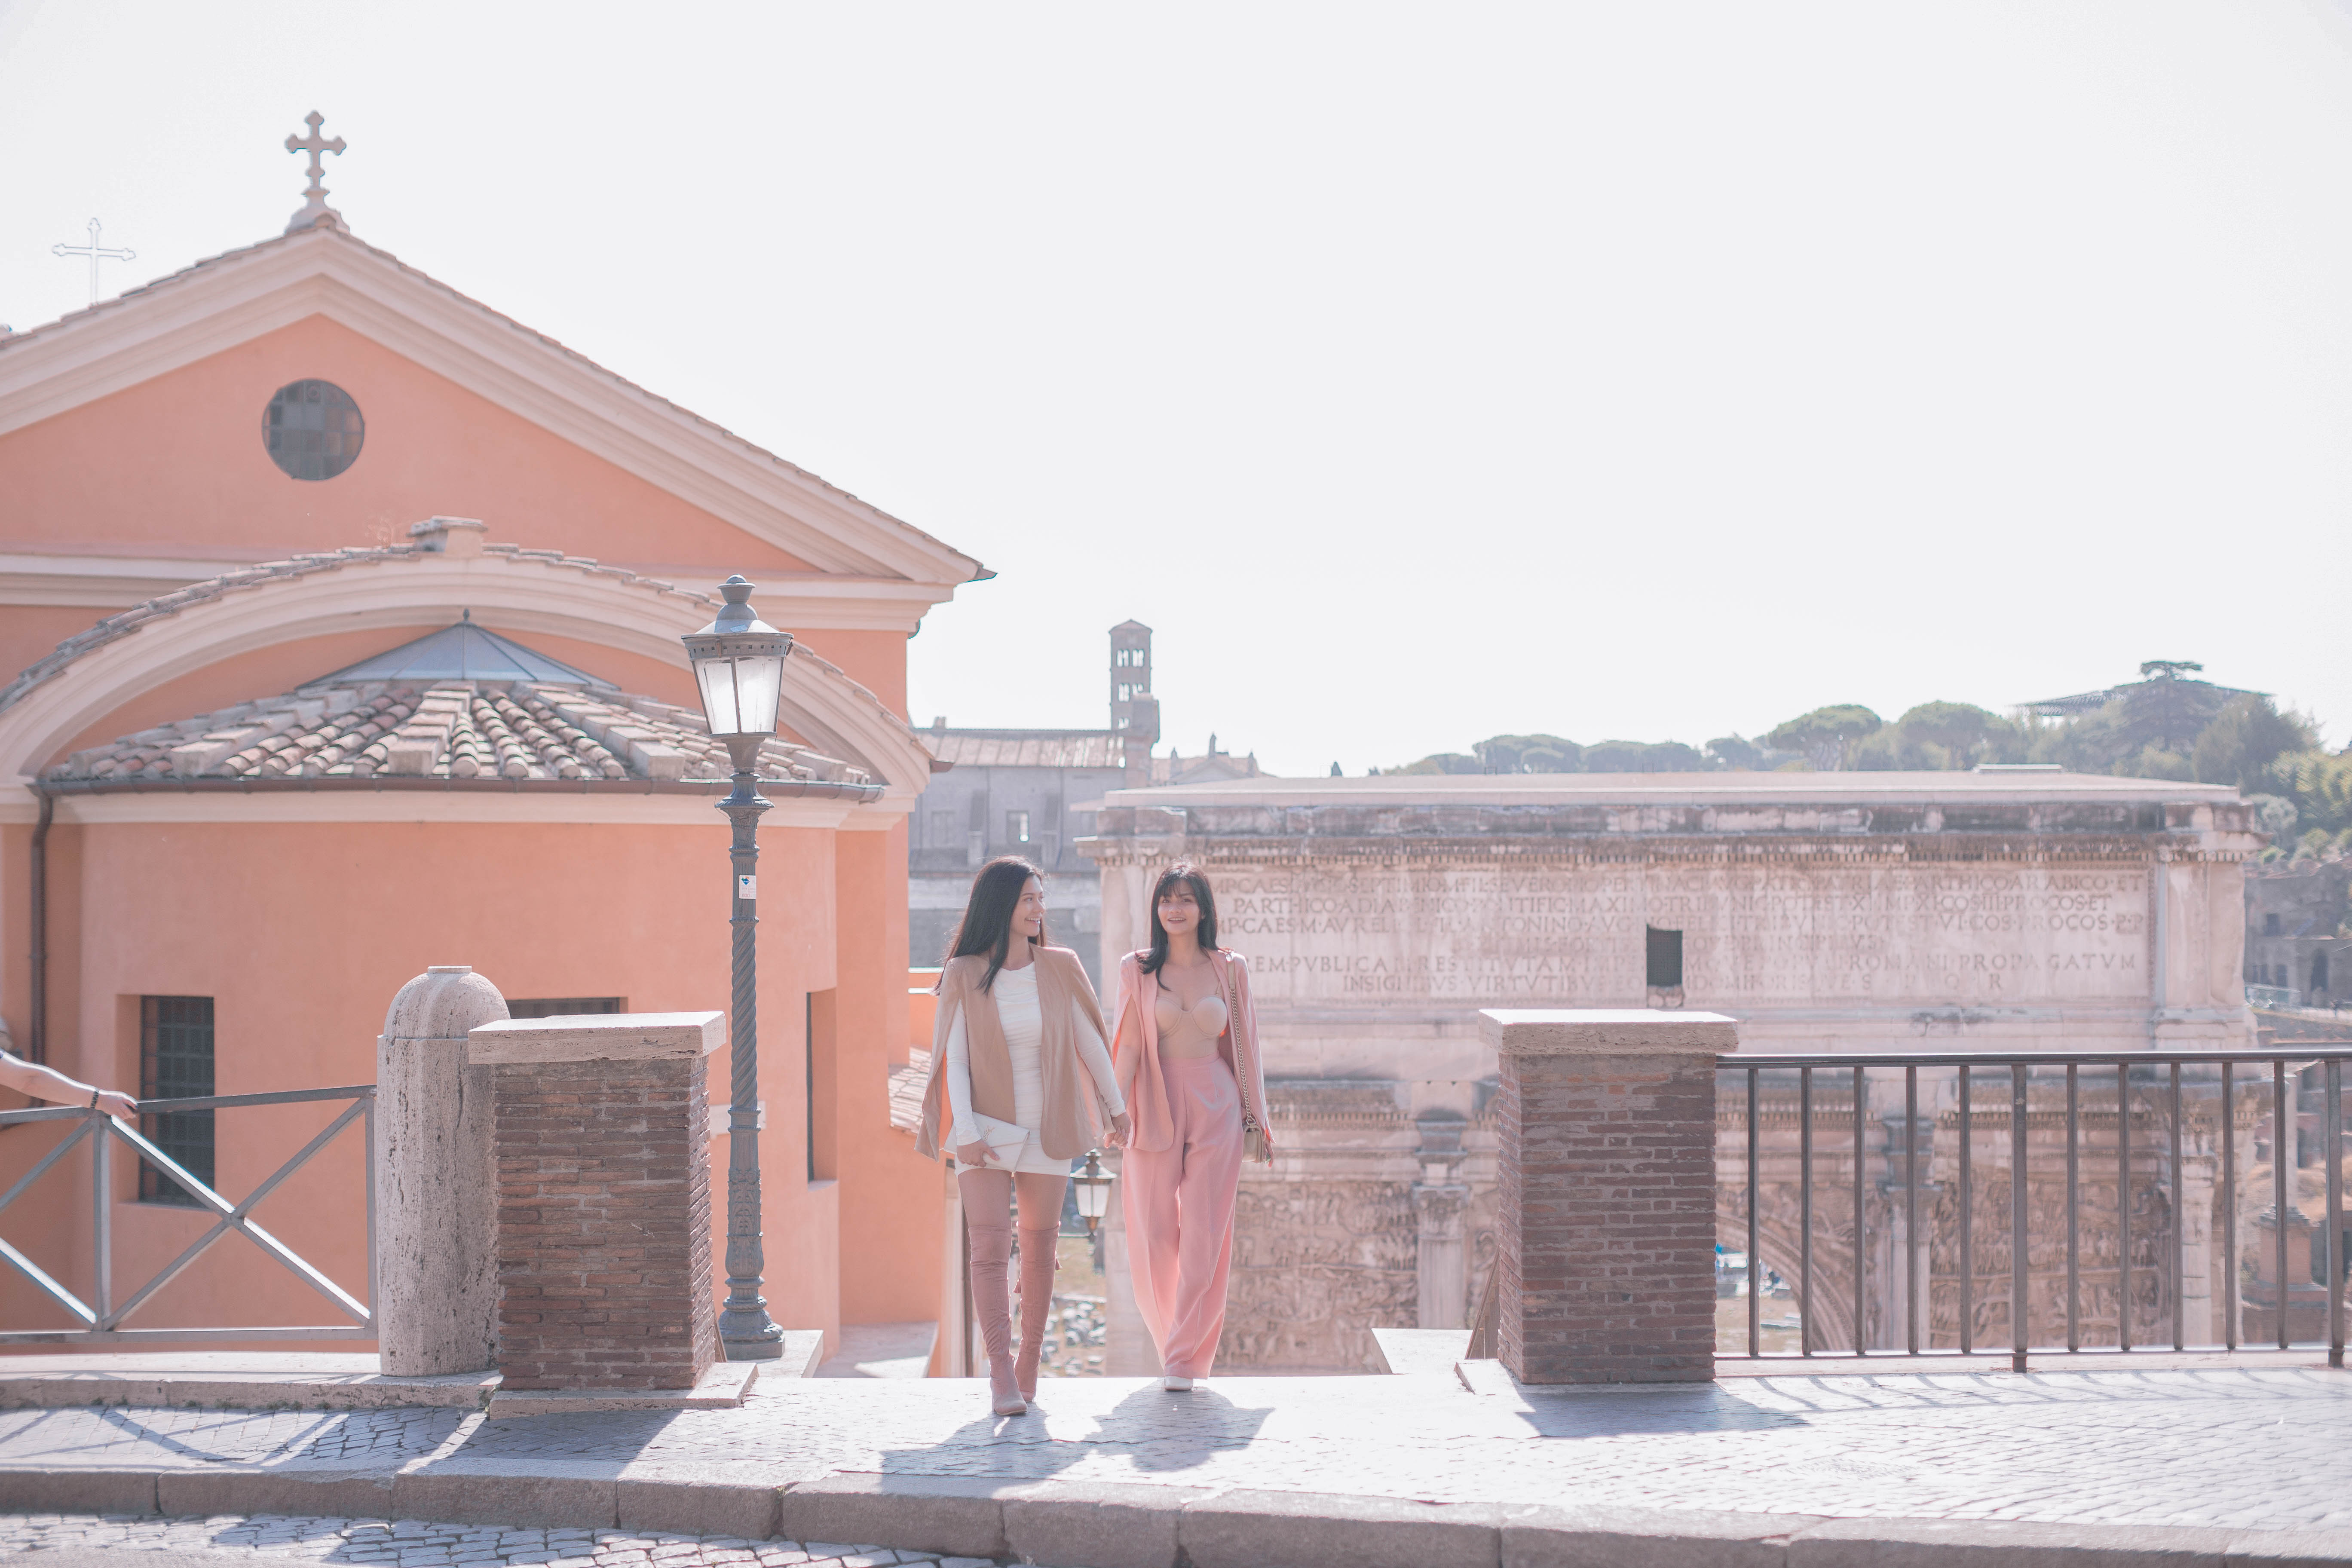 vernica_enciso-rome-s1_71